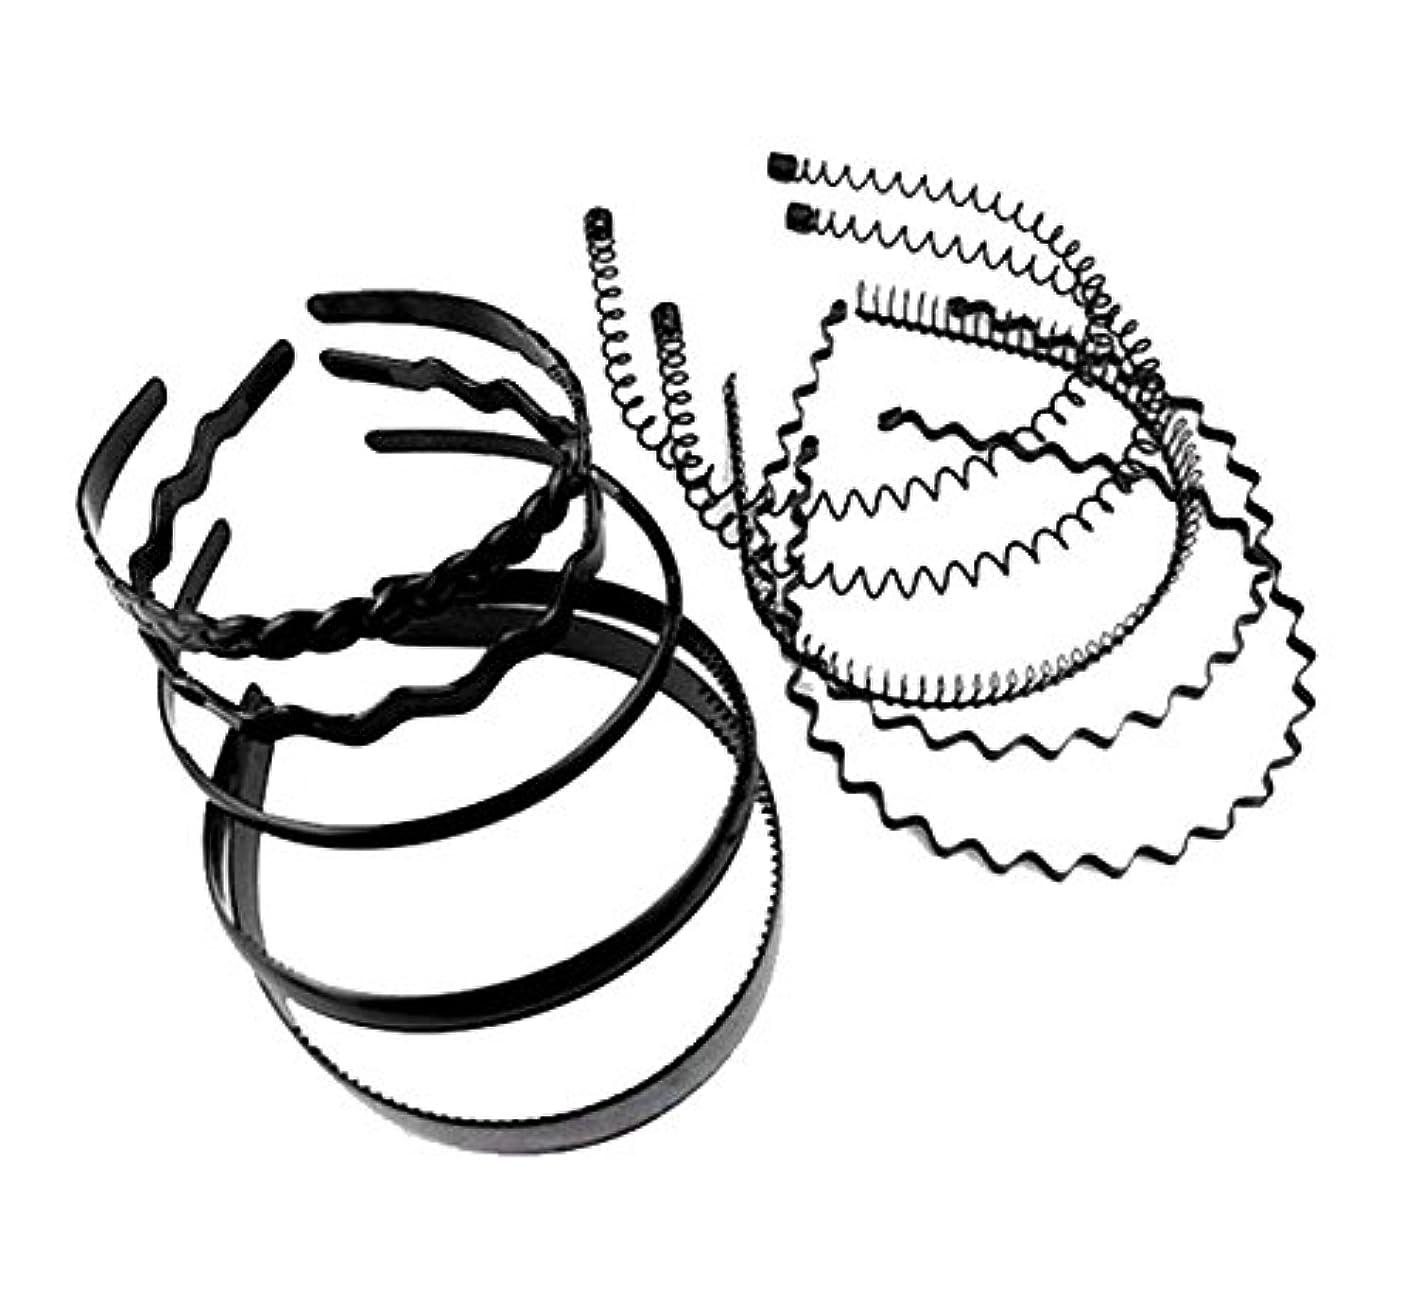 ゆりかご古代パノラマ女の子のための黒い春の金属の毛のフープ男性ヘッドアクセサリー(パック10個)、A4